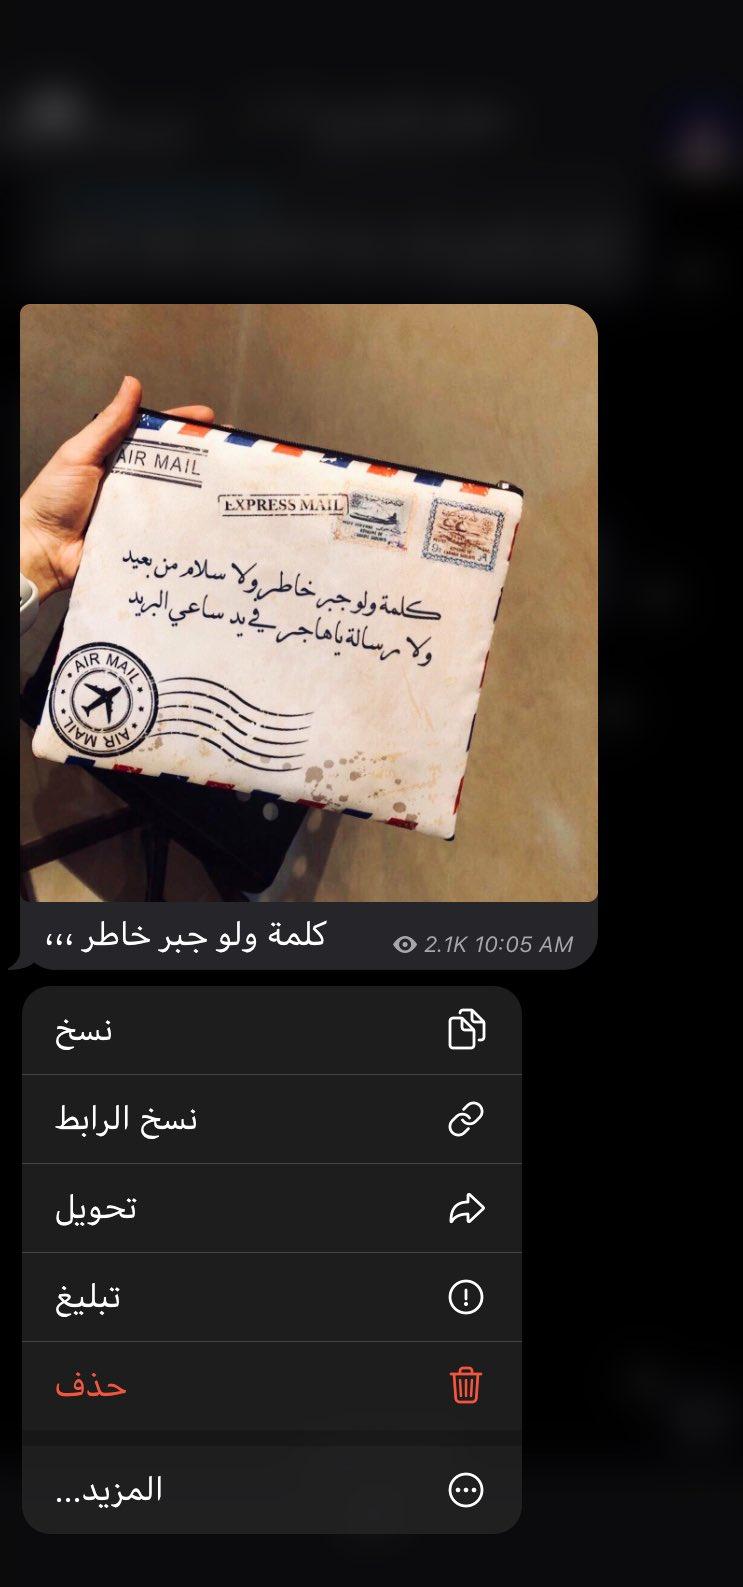 كلمة ولو جبر خاطر ولا سلام من بعيد